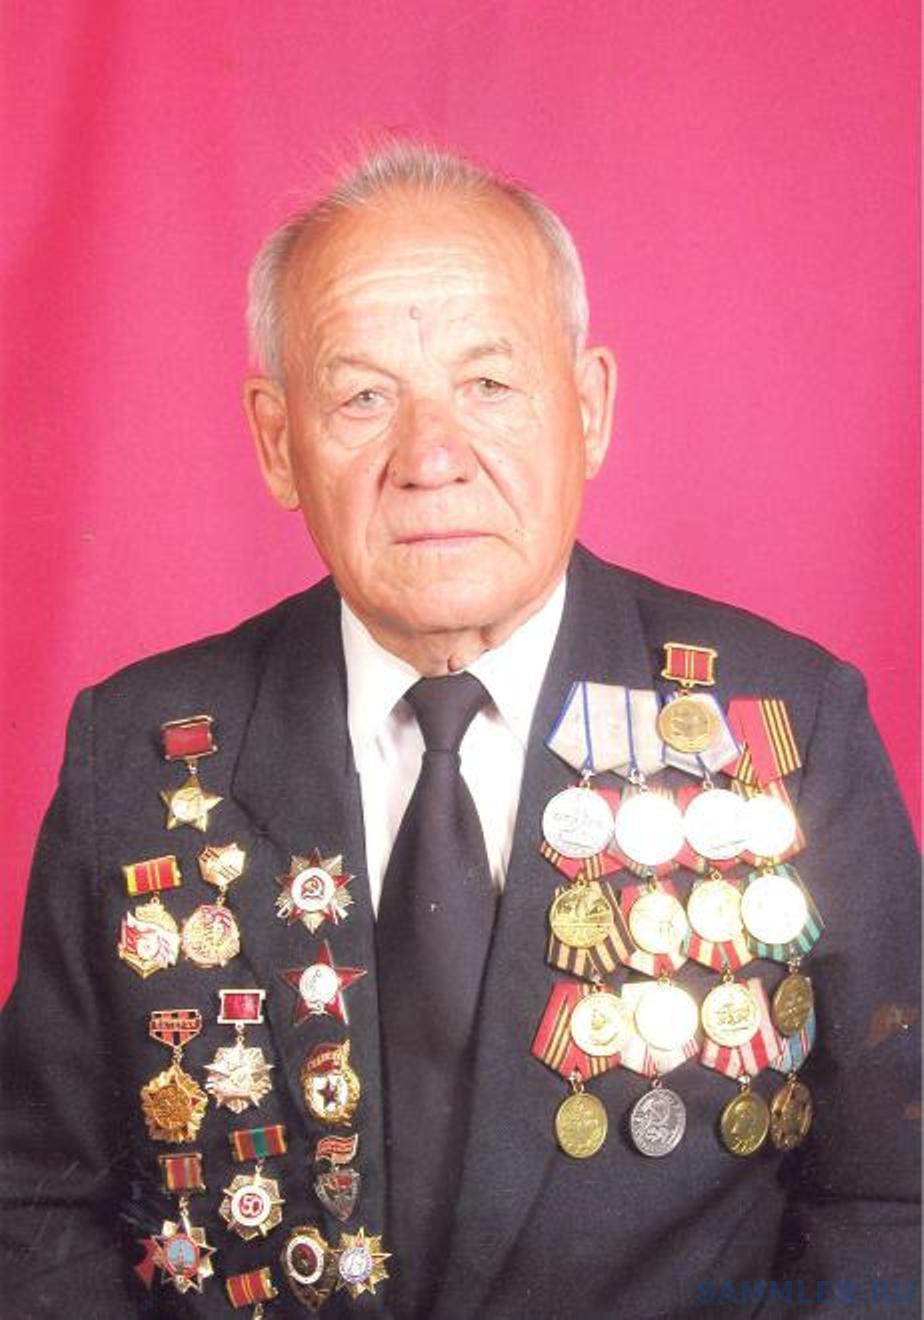 Степан Павлович Горчаков.jpg